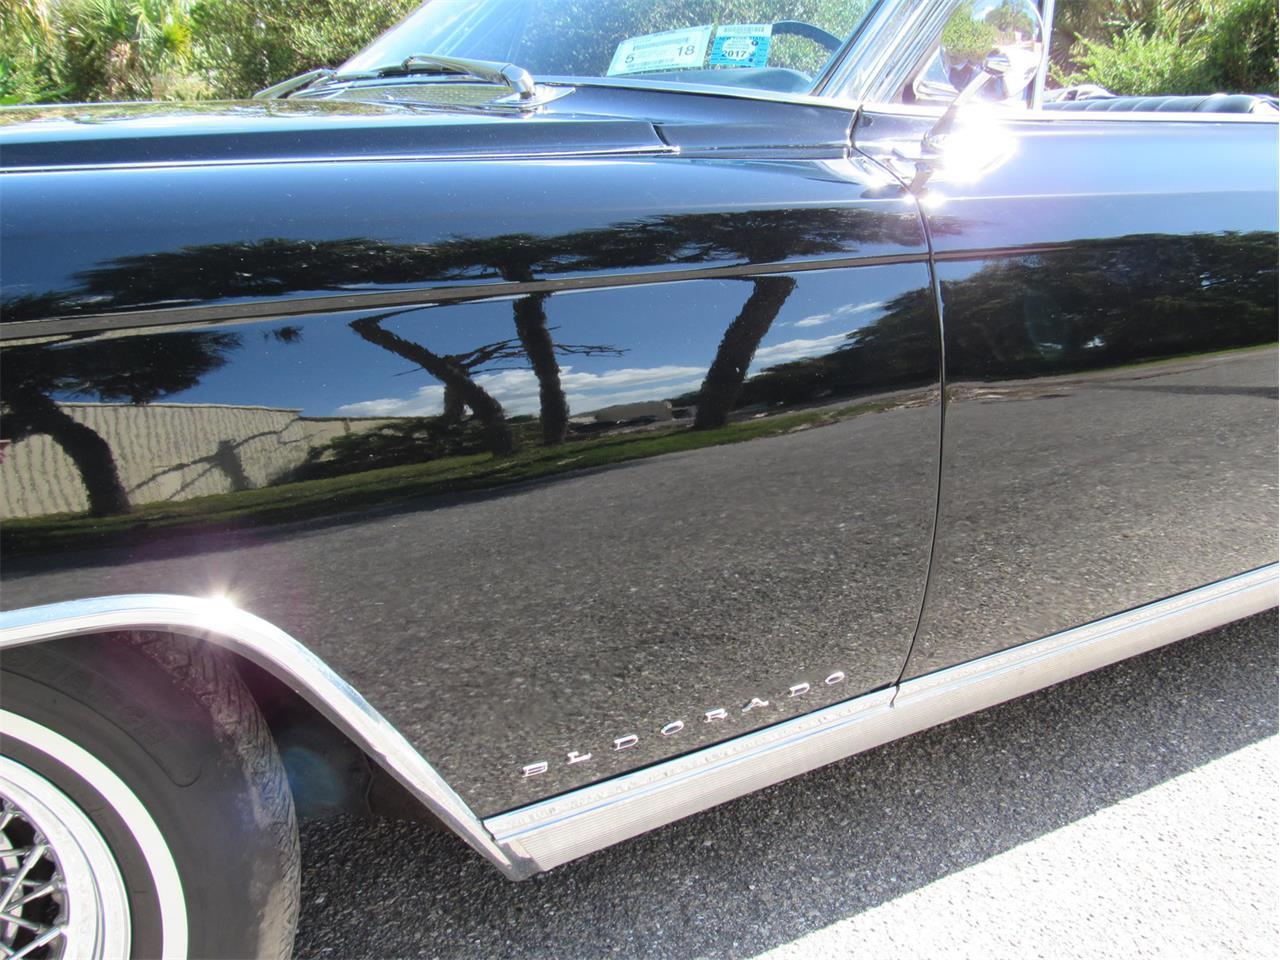 Large Picture of Classic '63 Cadillac Eldorado Biarritz located in Sarasota Florida - $39,900.00 - M3NM